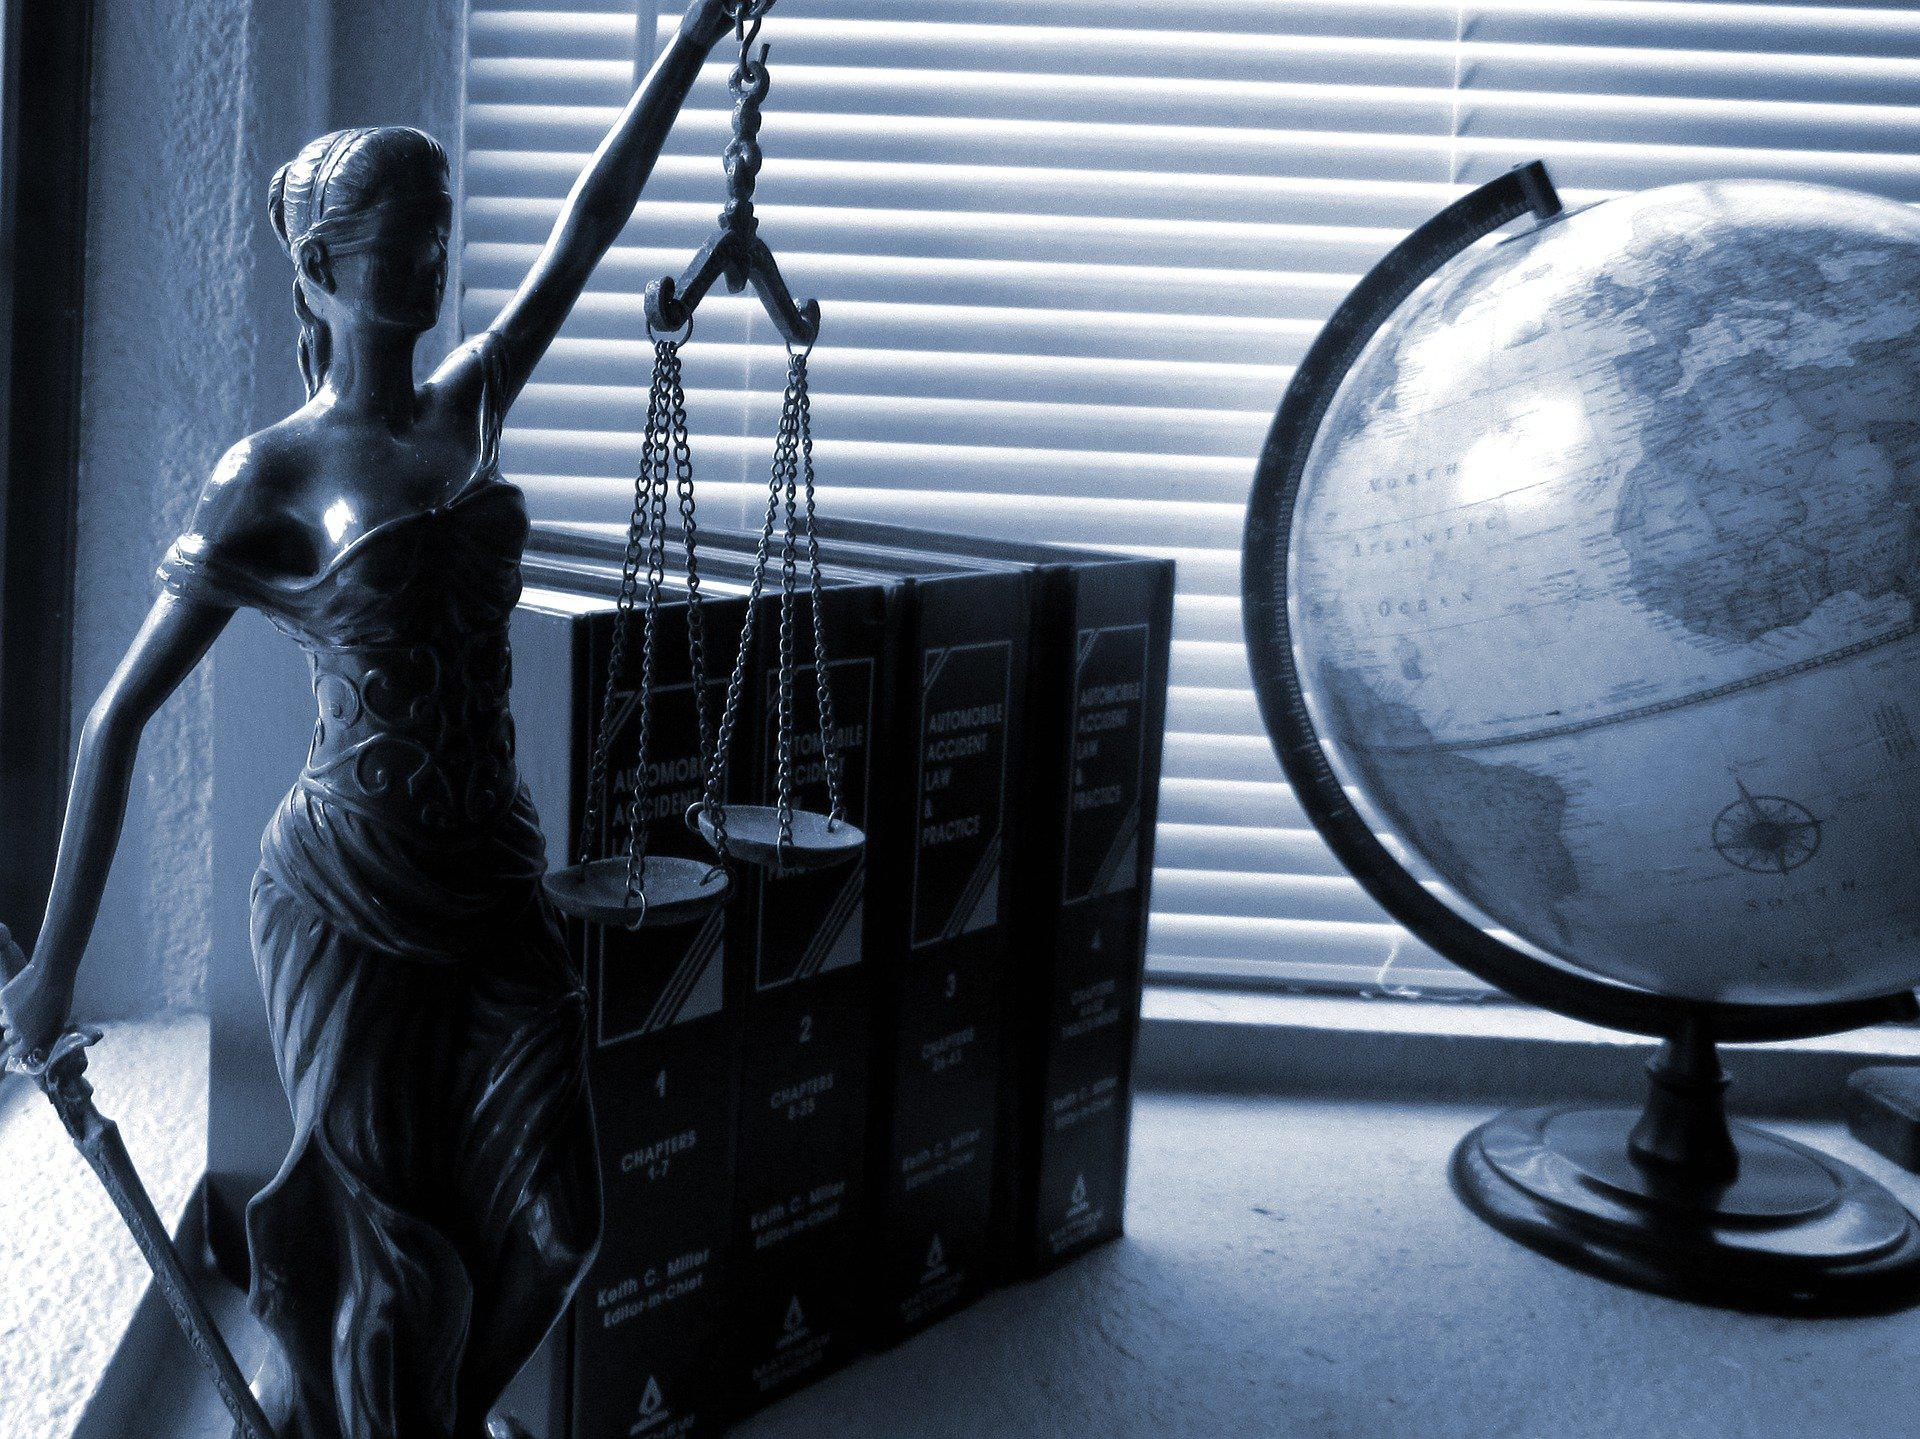 Спор по вопросу налогообложения лизинговых платежей дошел до Верховного суда